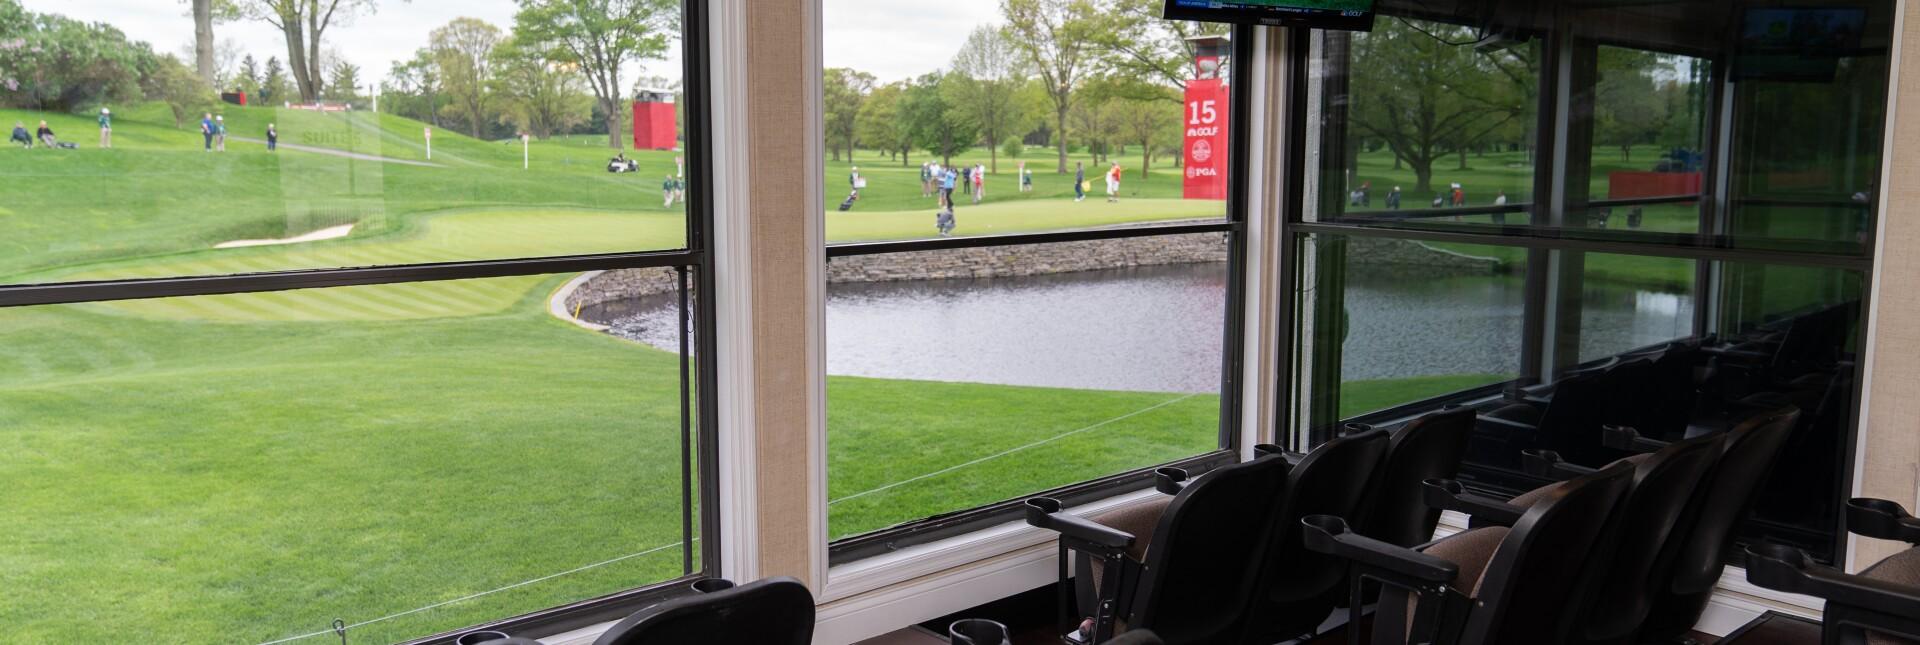 80th KitchenAid Senior PGA Championship